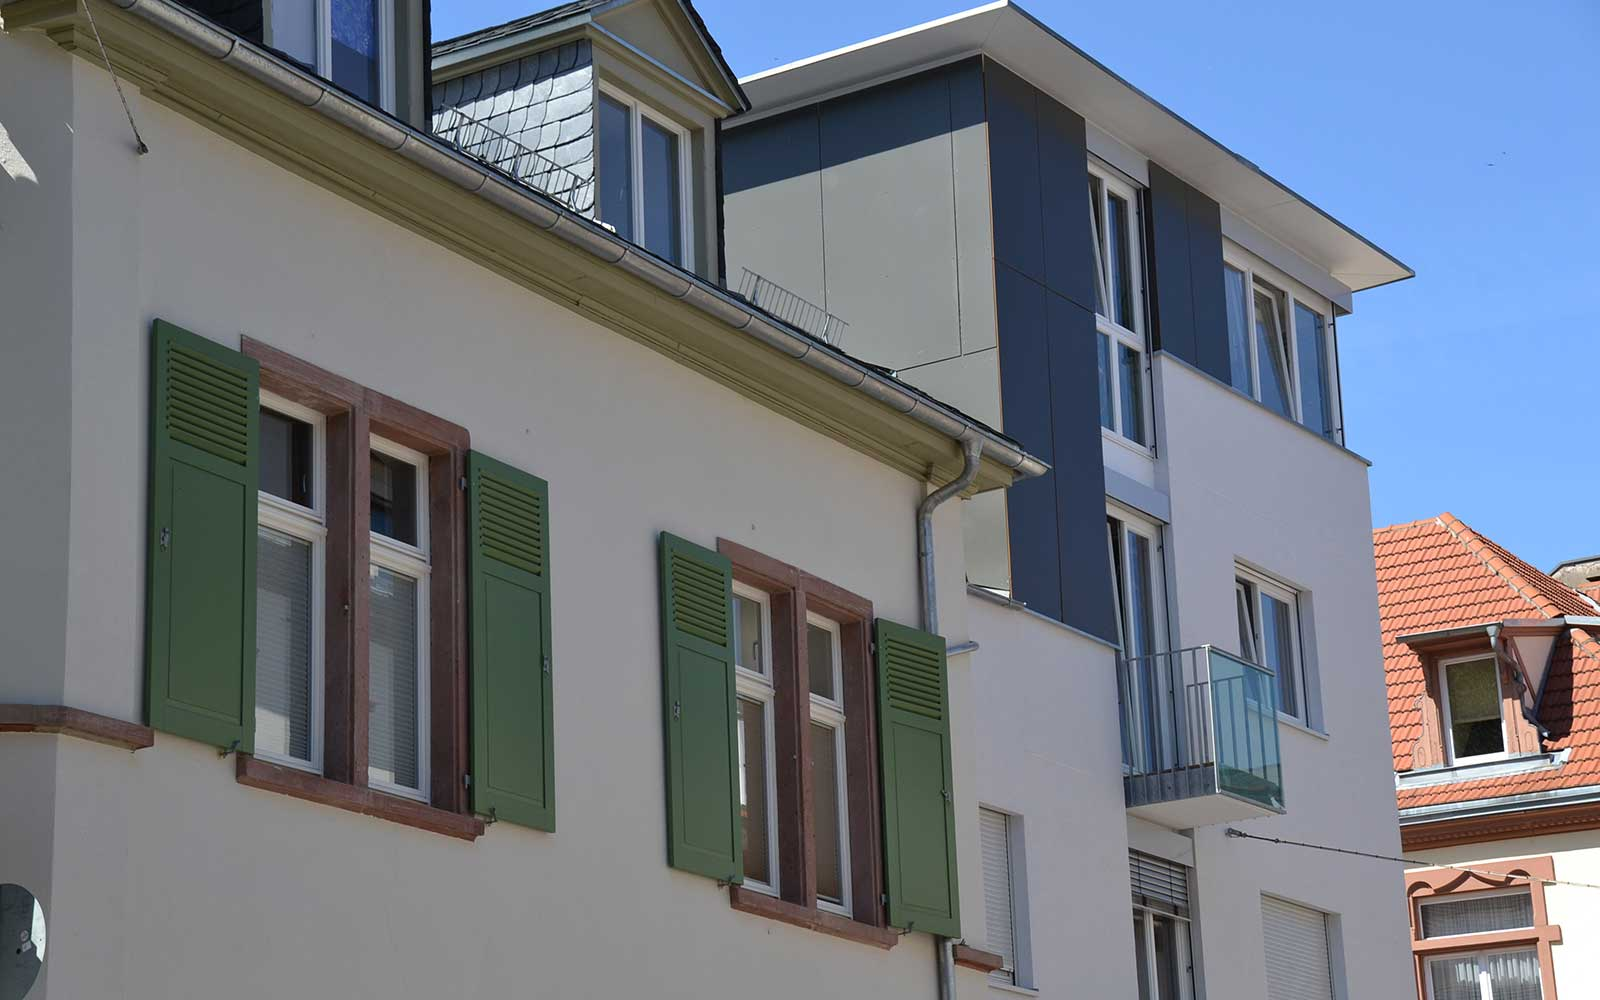 Architekturbüro Kochhan und Weckbach Mehrfamilienhaus Weststadt Heidelberg